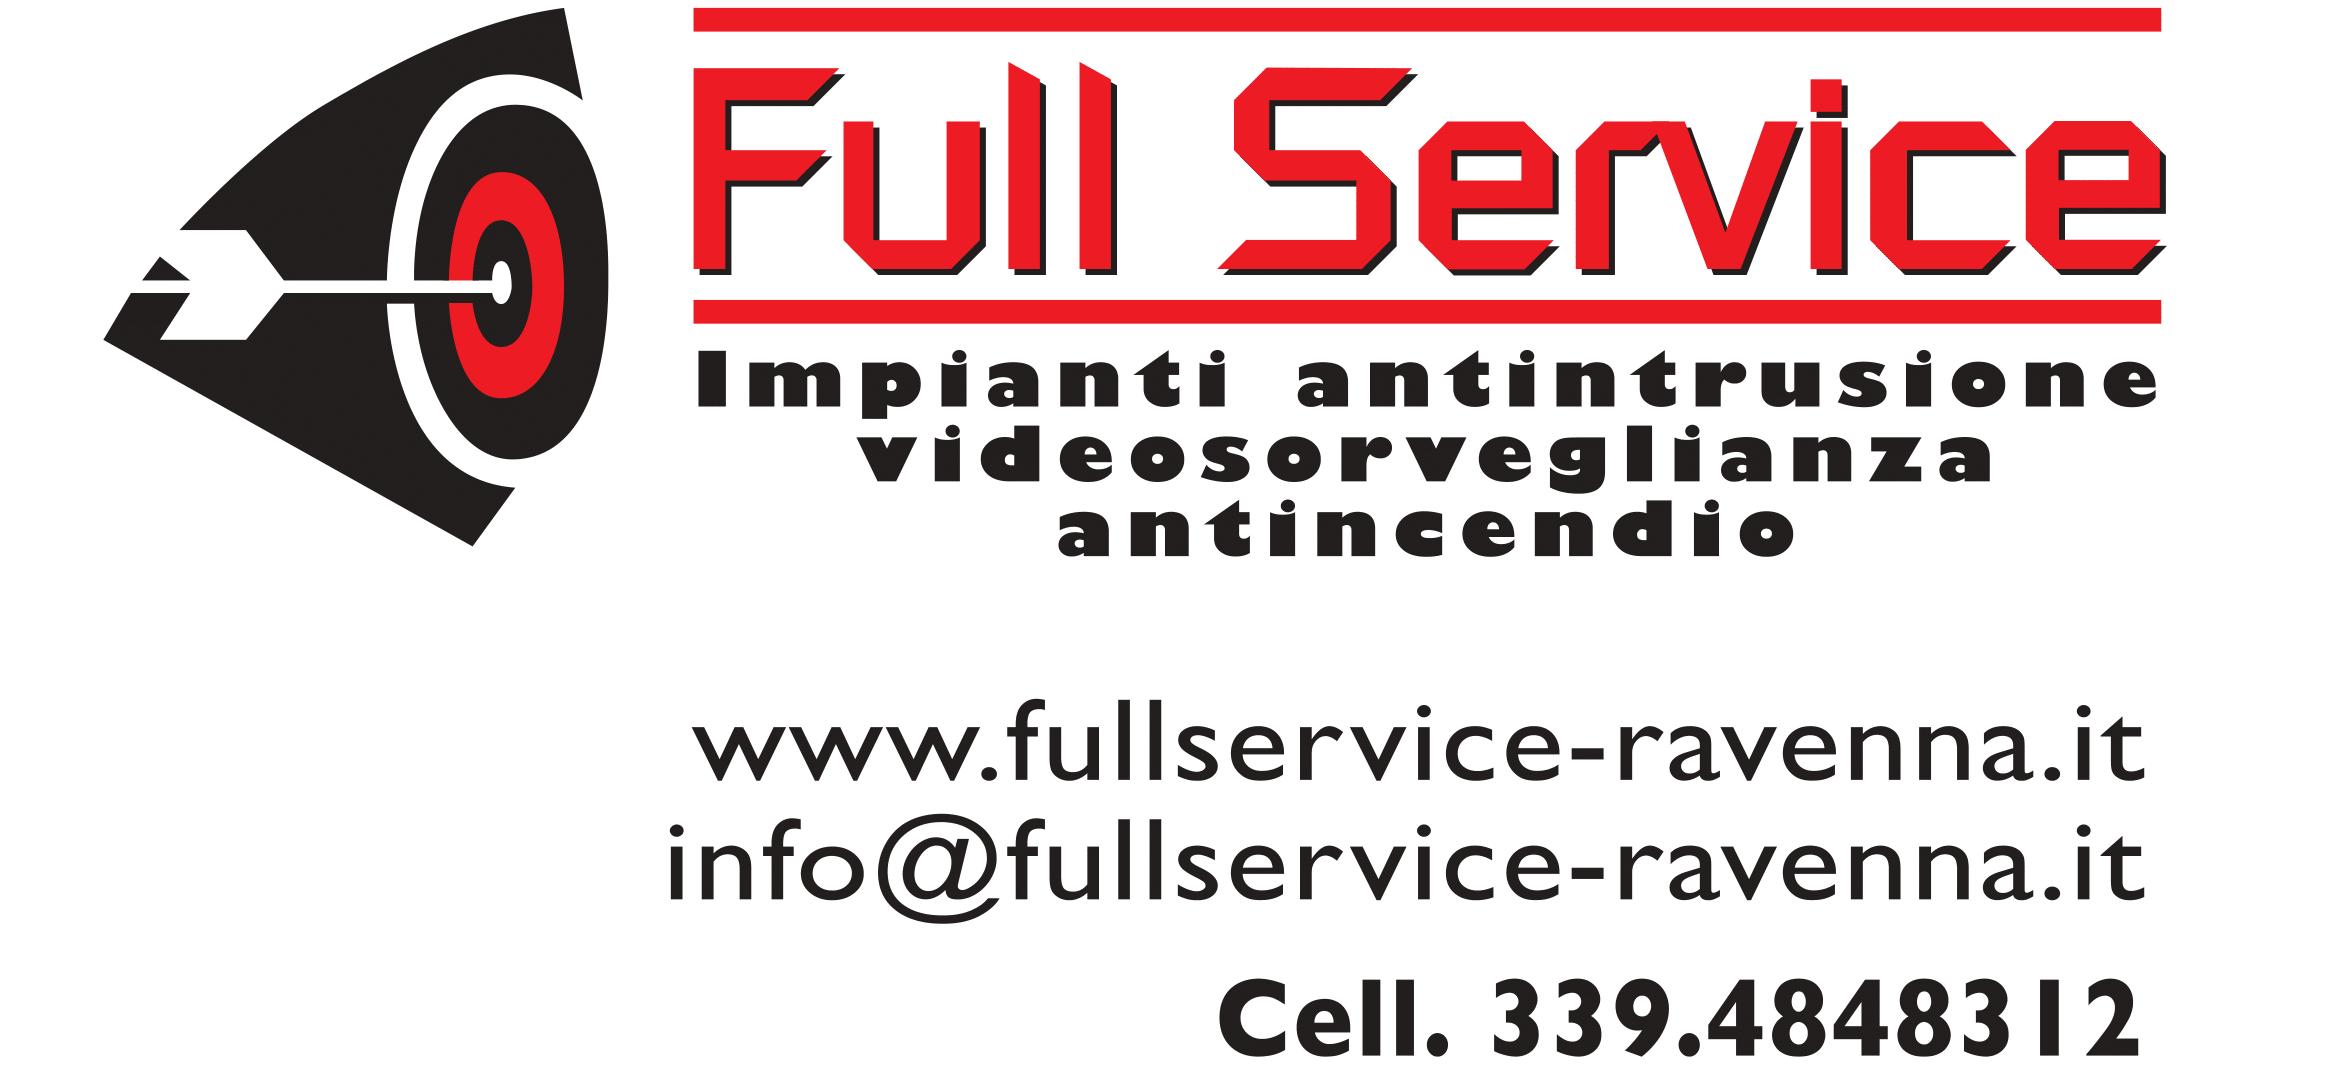 Full Service S.r.l.